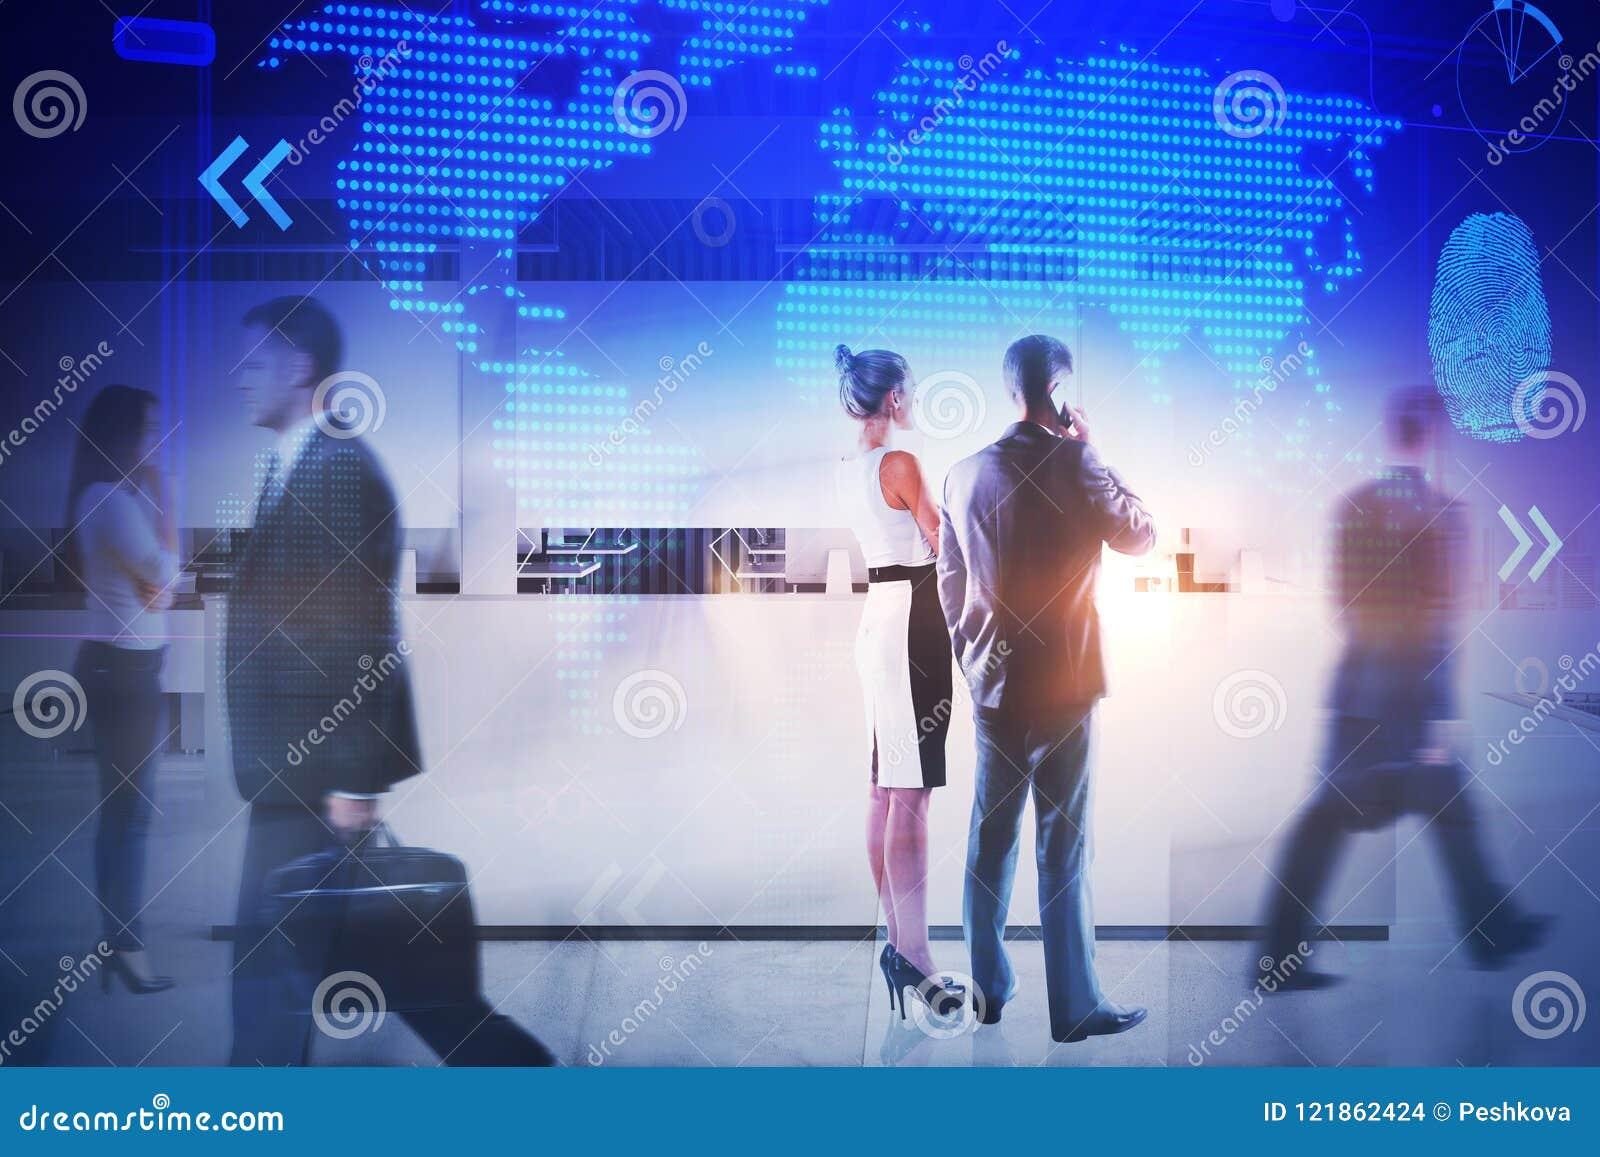 Möte och företags begrepp